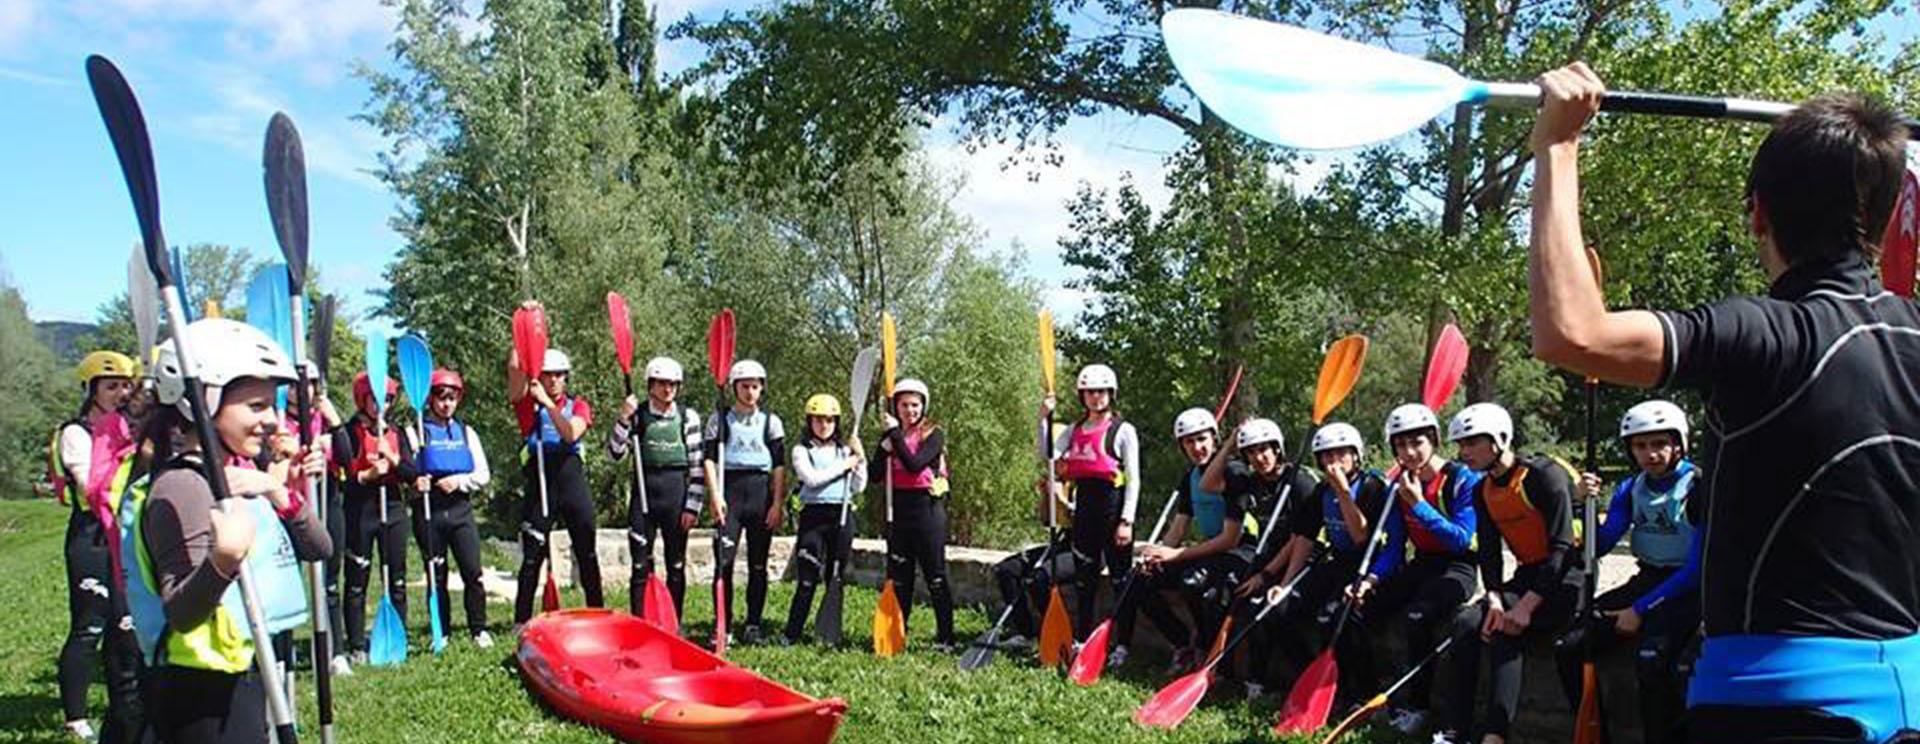 Conoce Kayak